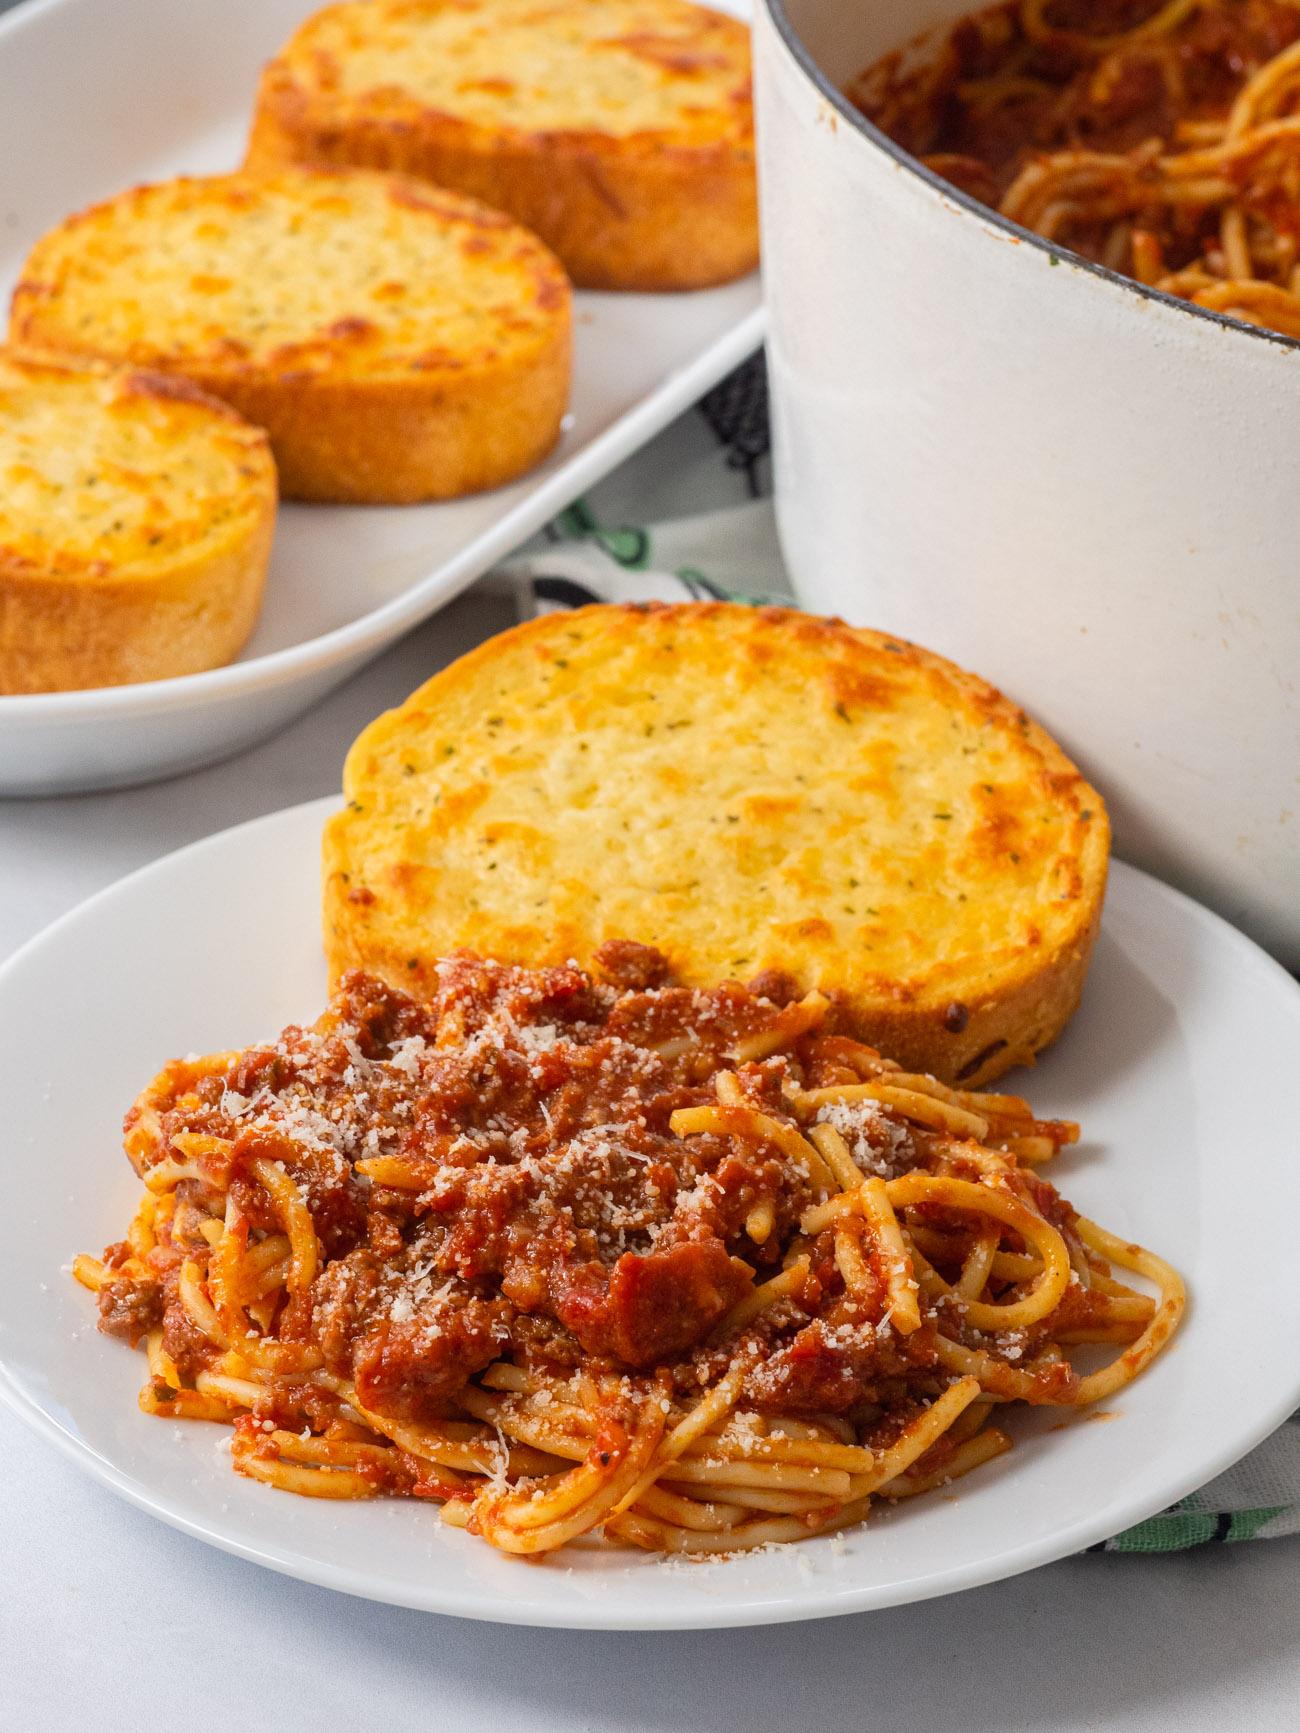 School Cafeteria Spaghetti